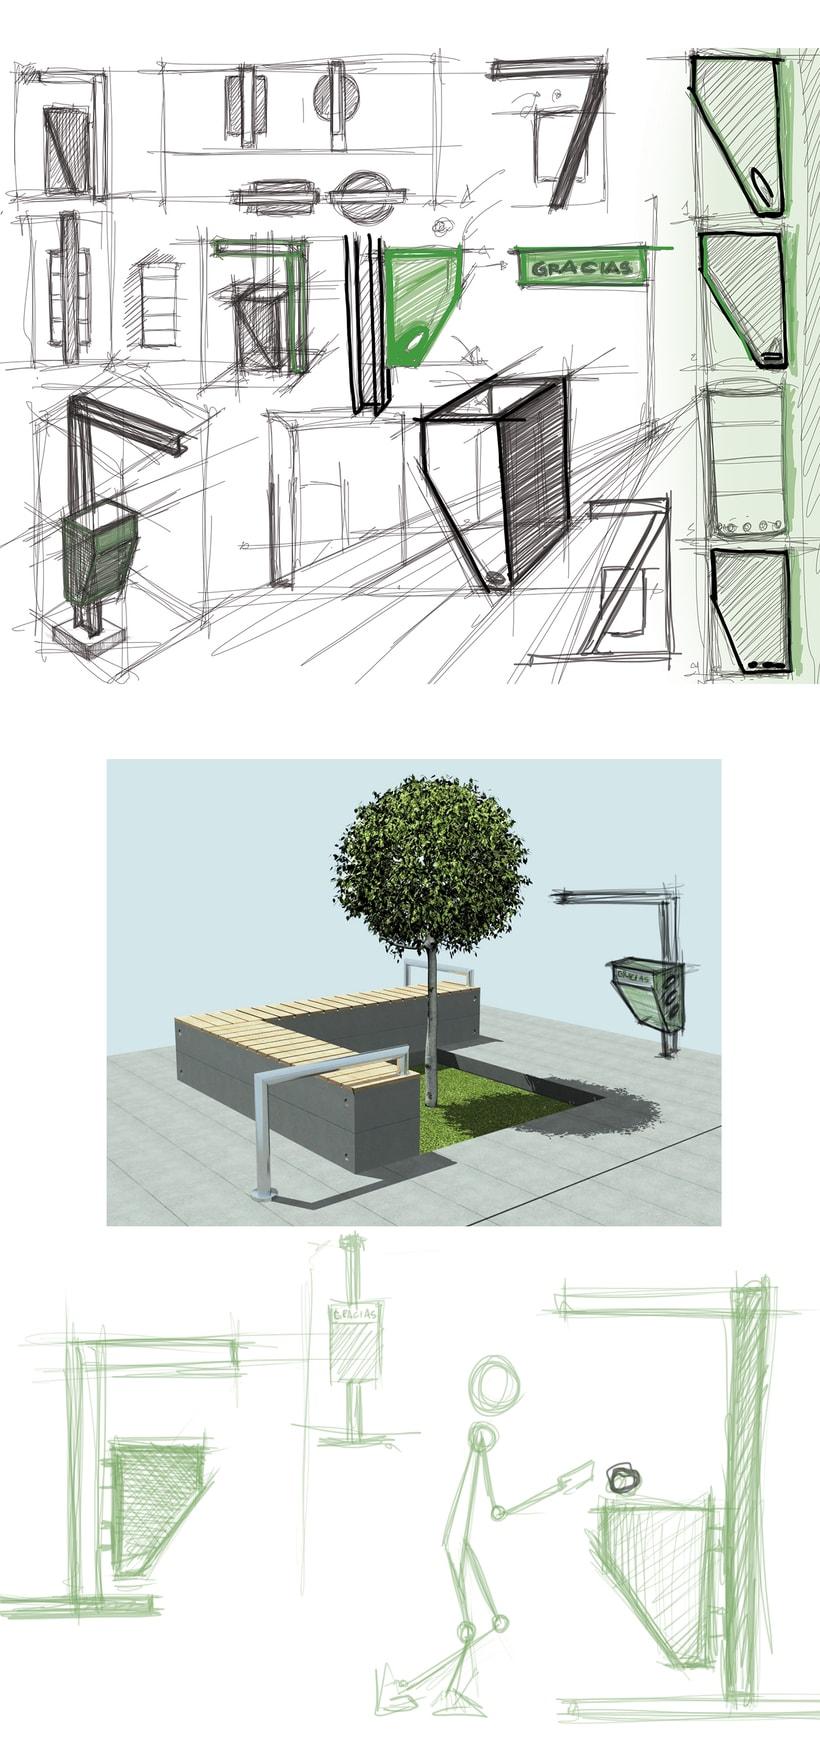 Proyecto de Urbanización Industrial  13